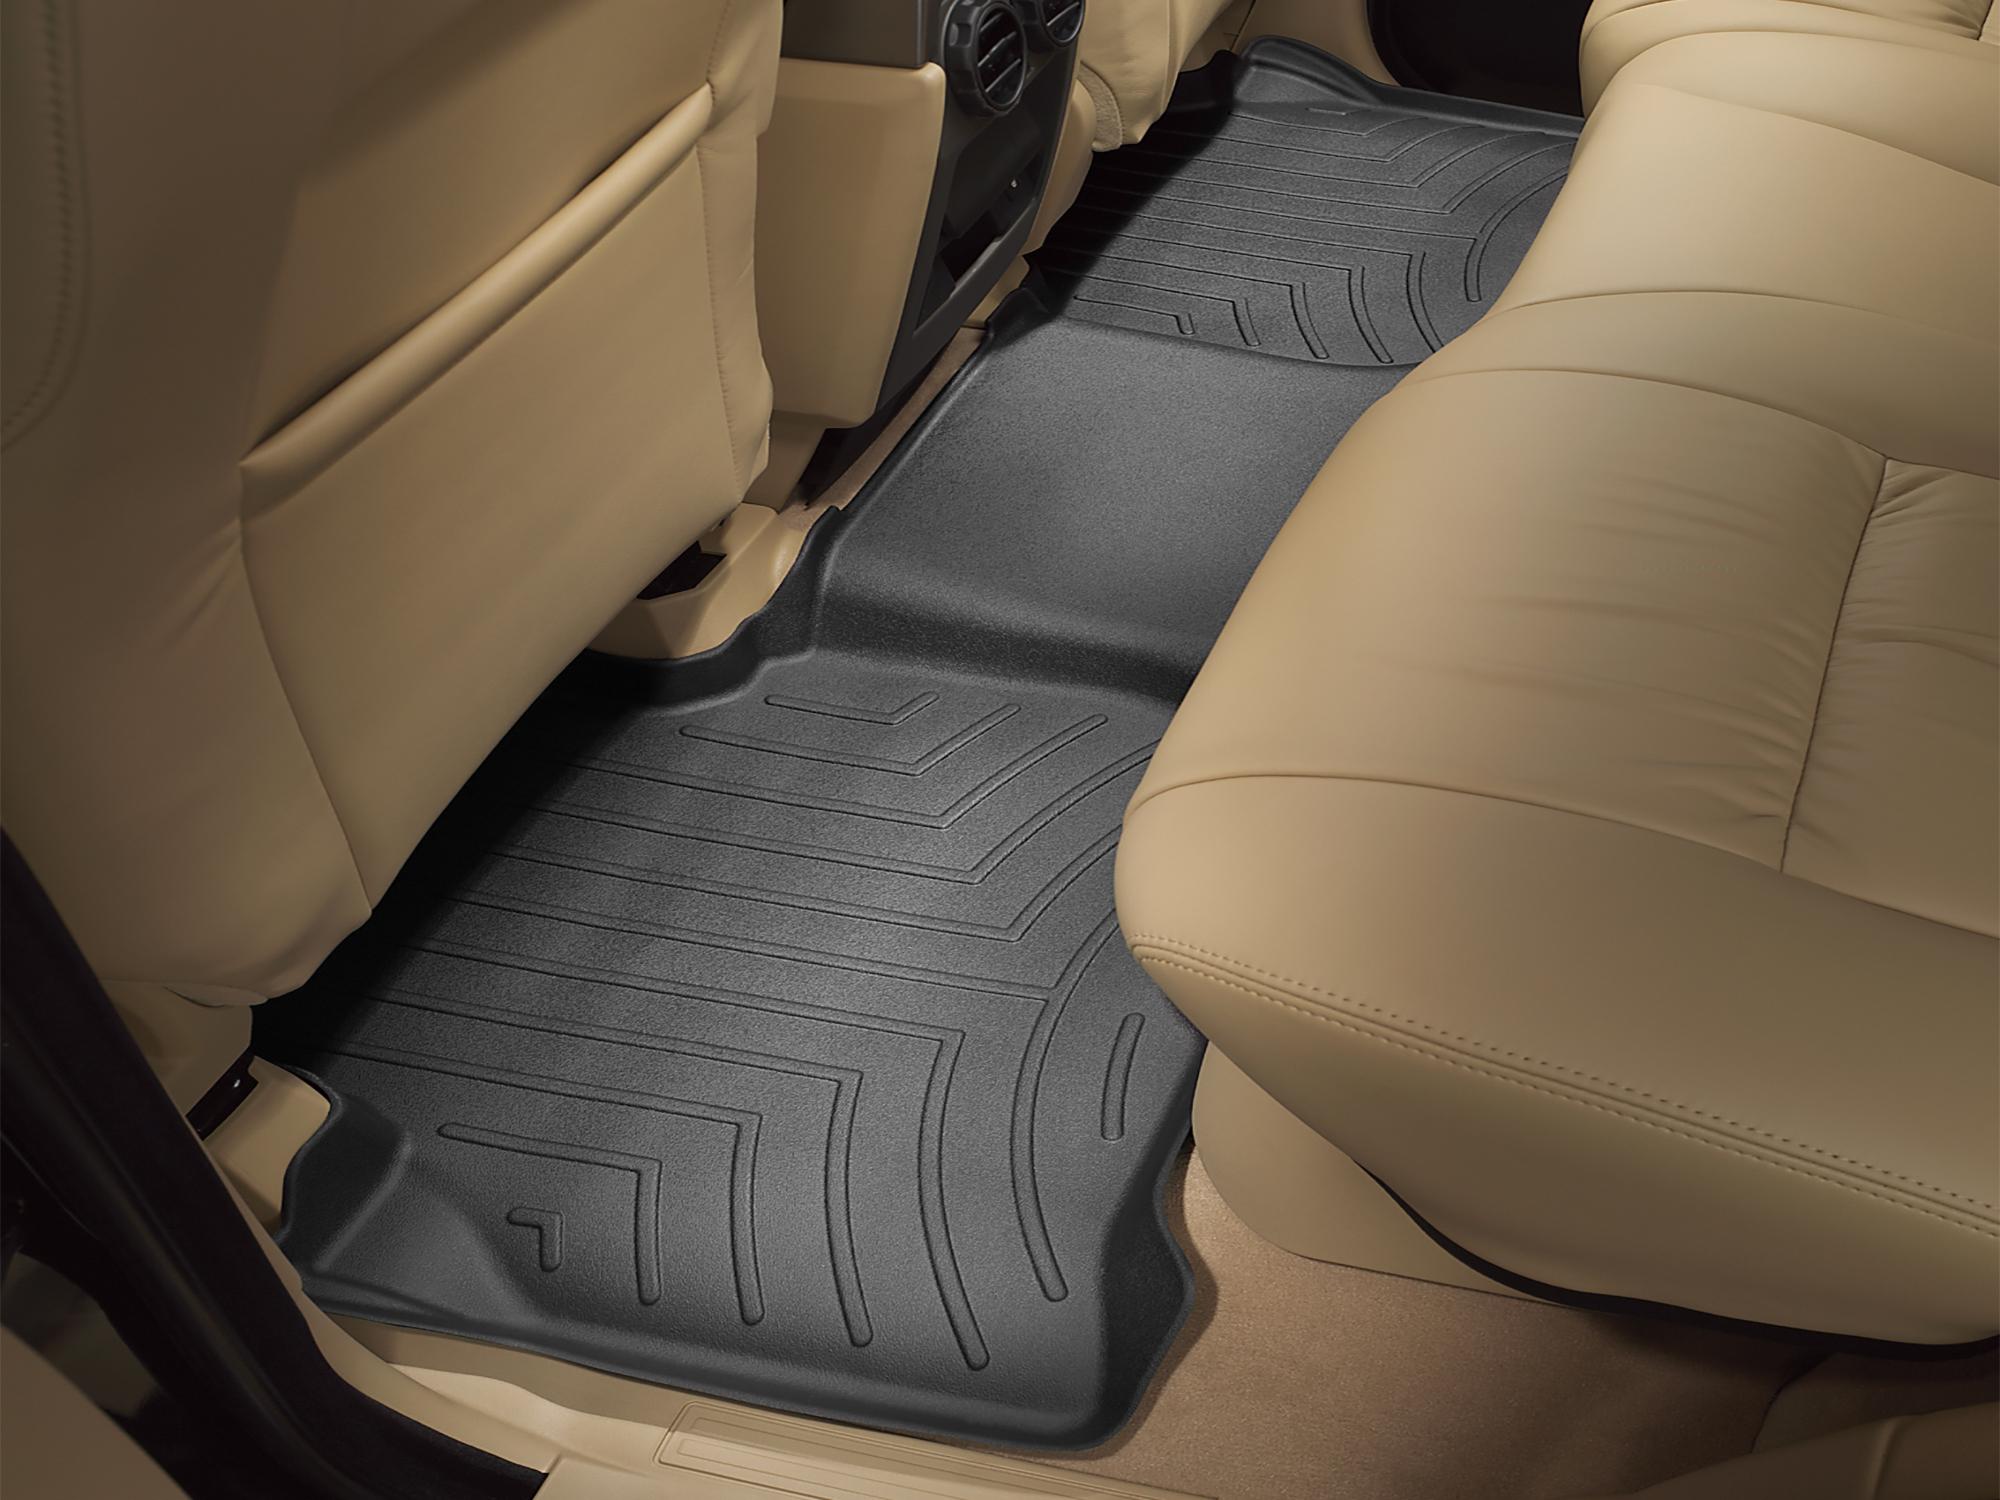 Tappeti gomma su misura bordo alto Land Rover 09>12 Nero A1943*